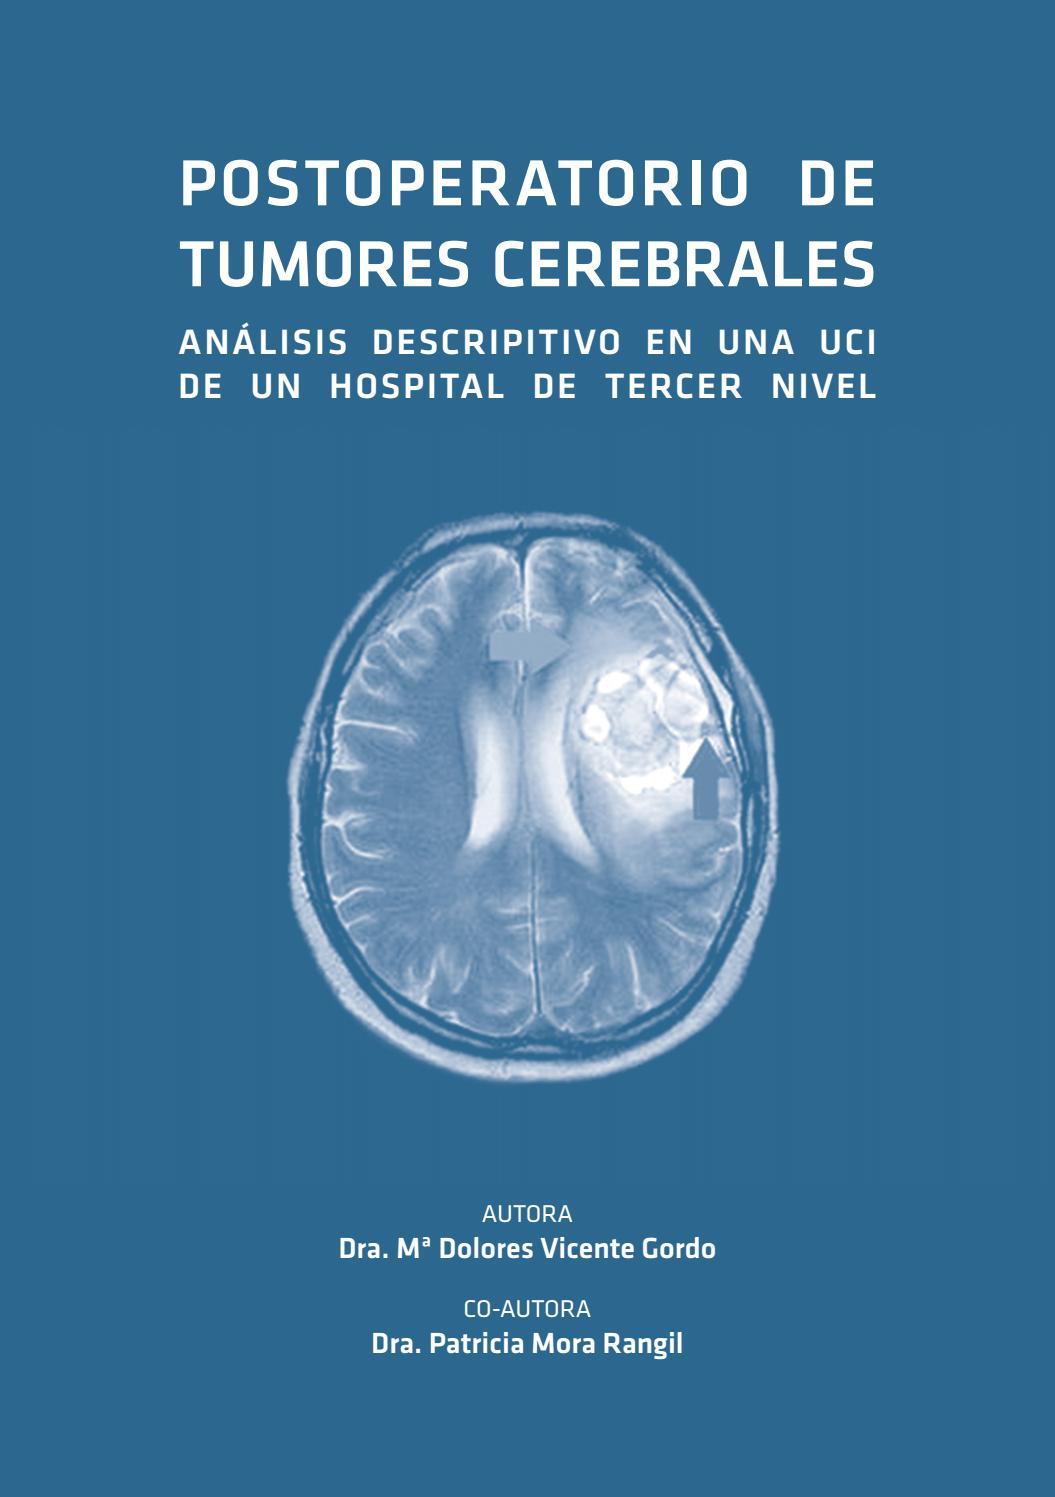 Postoperatorio tumores cerebrales by Pasionporloslibros..